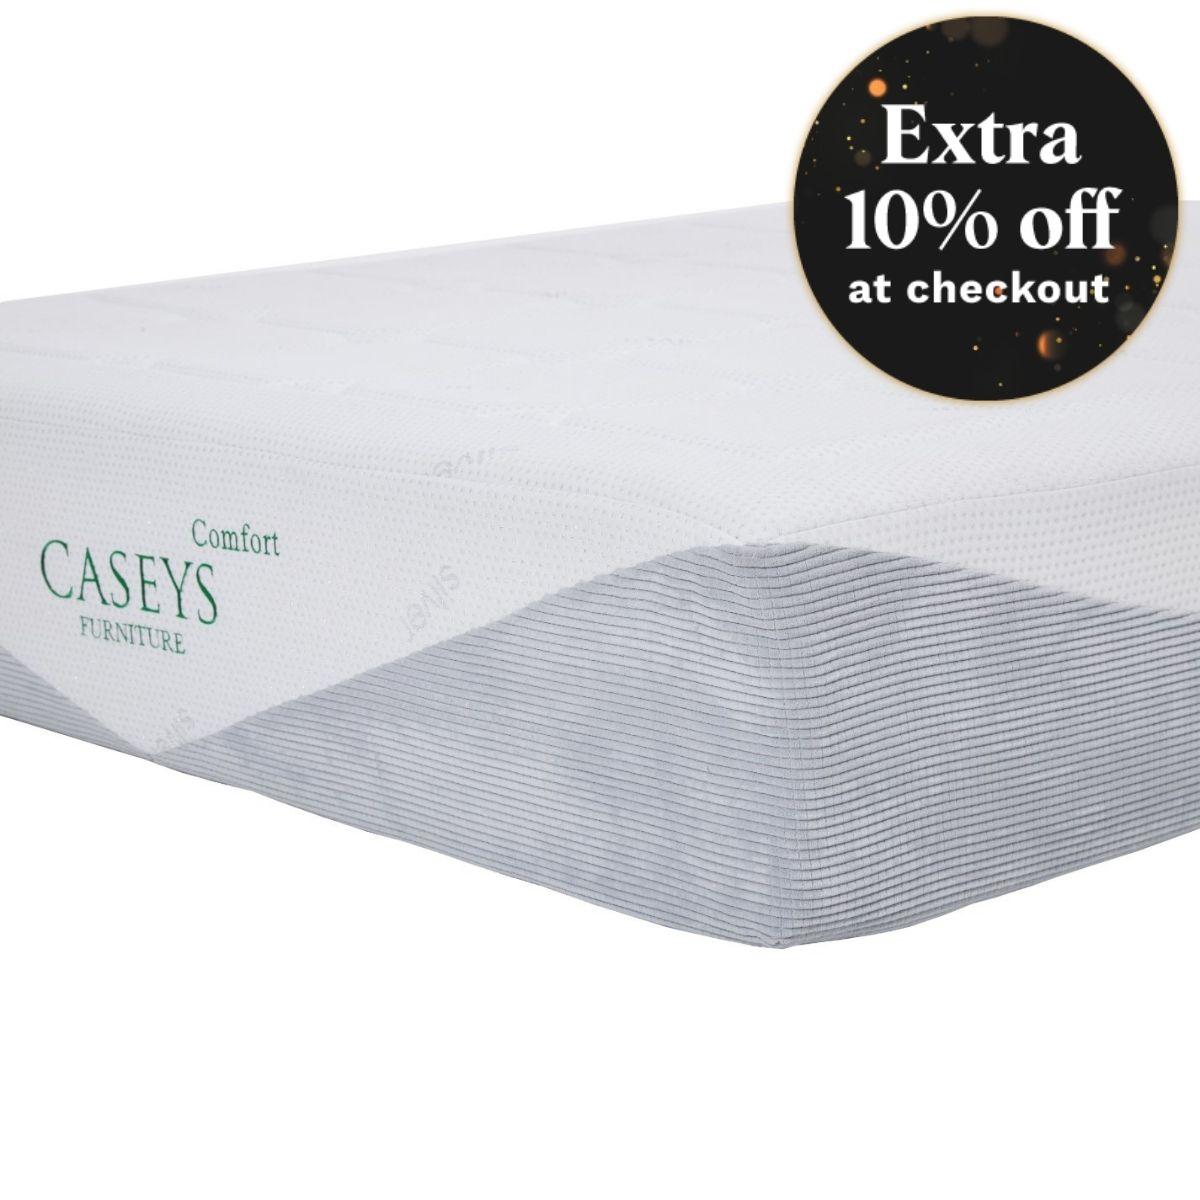 Caseys Comfort Mattress